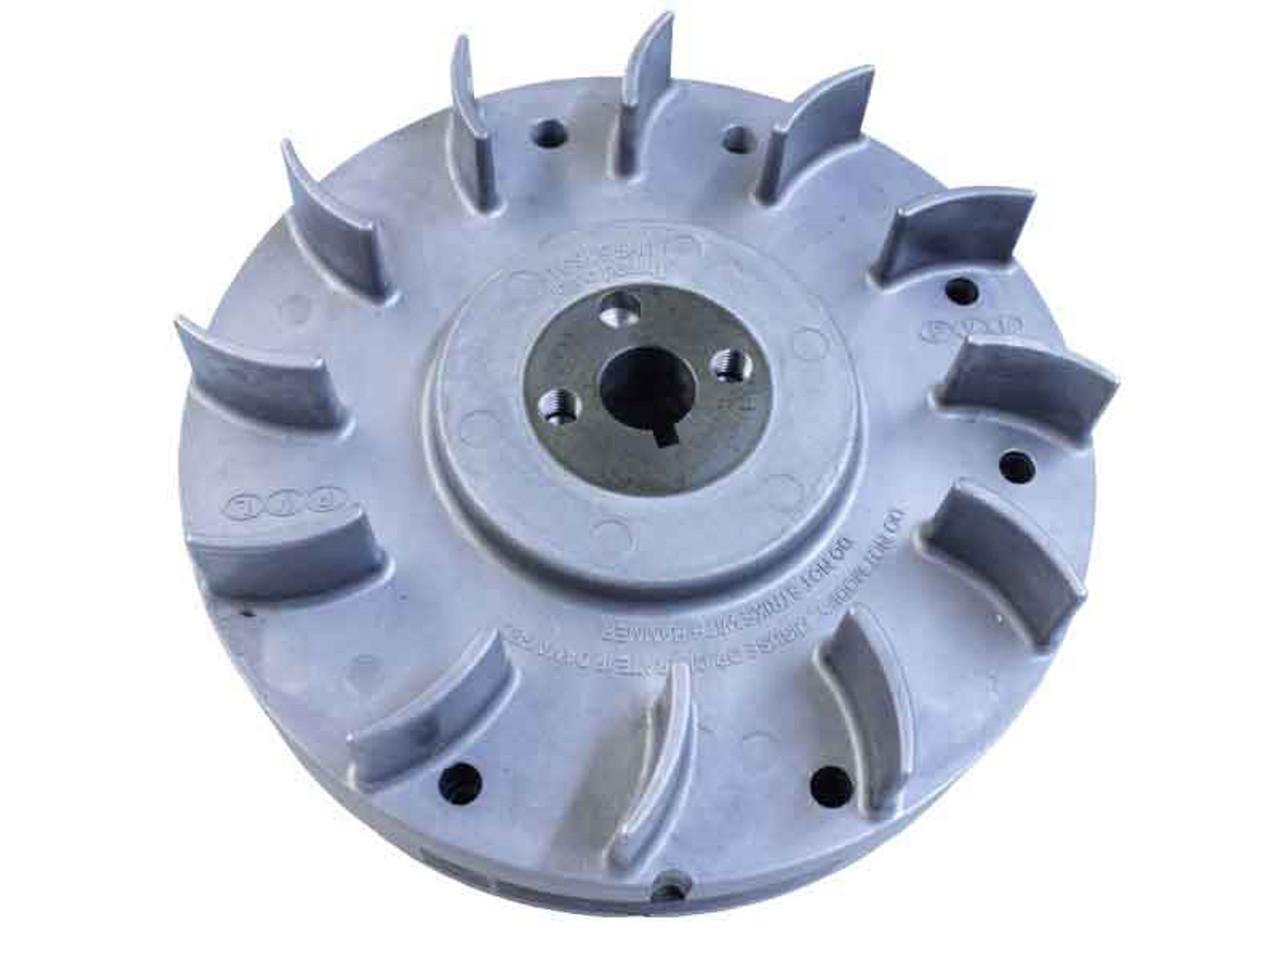 PVL Aluminum Flywheel - 196cc GX160 GX200 BSP 6.5HP